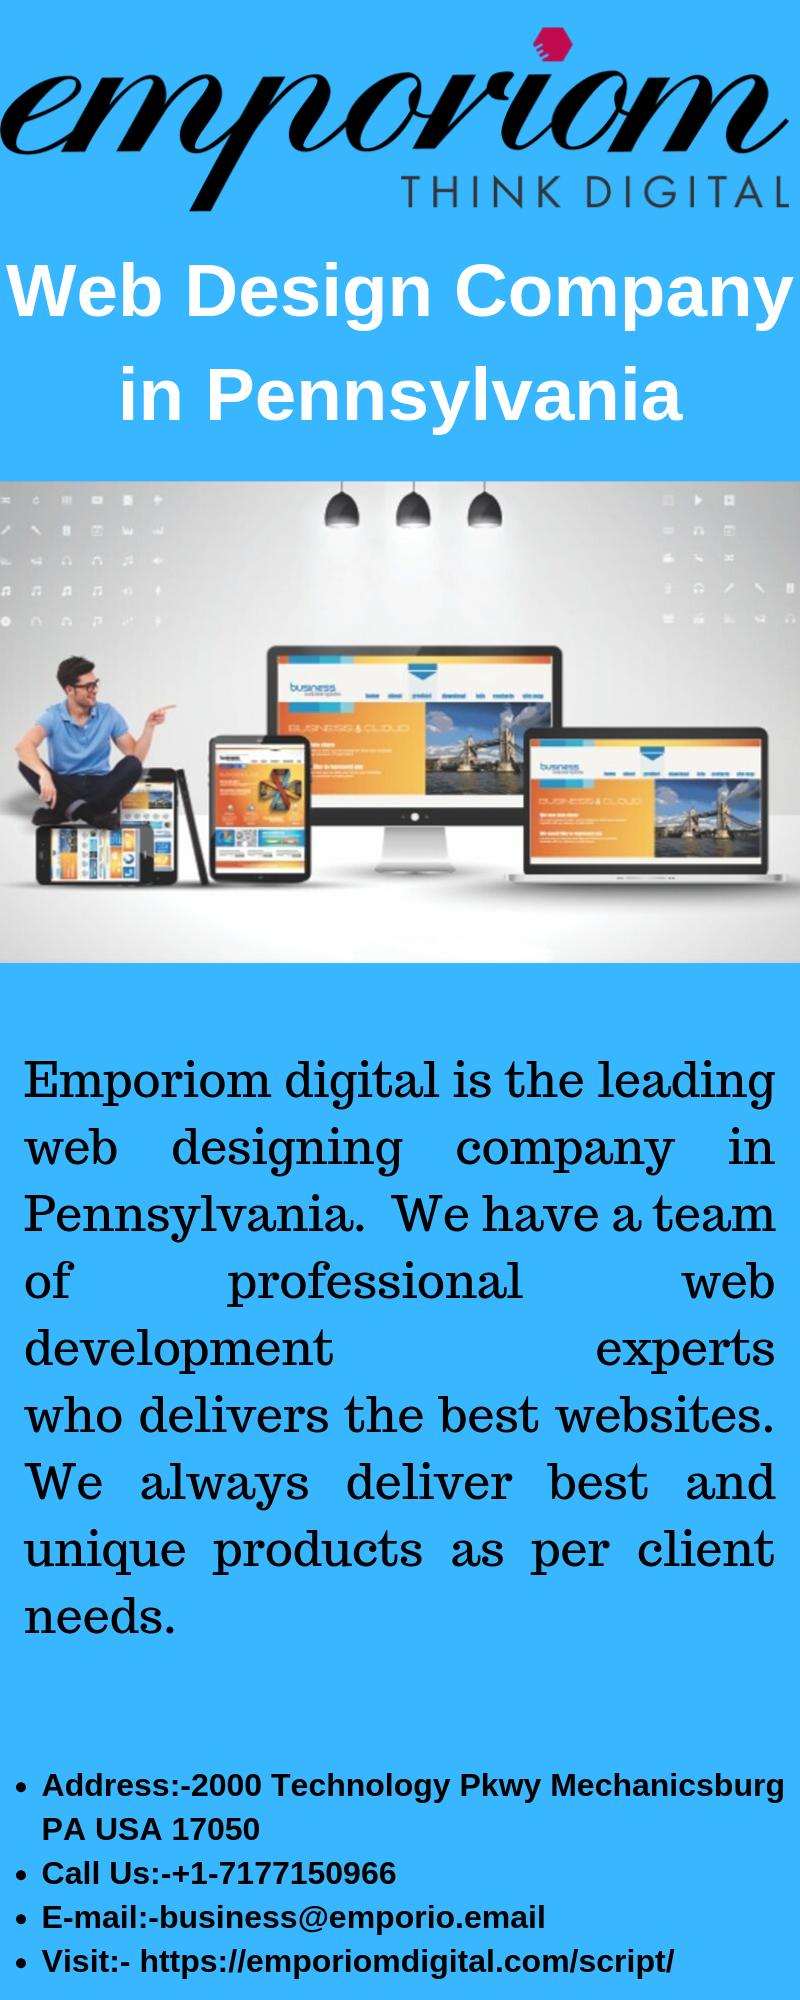 Web Design Company In Pennsylvania Emporiomdigital Web Design Company Interactive Advertising Design Company